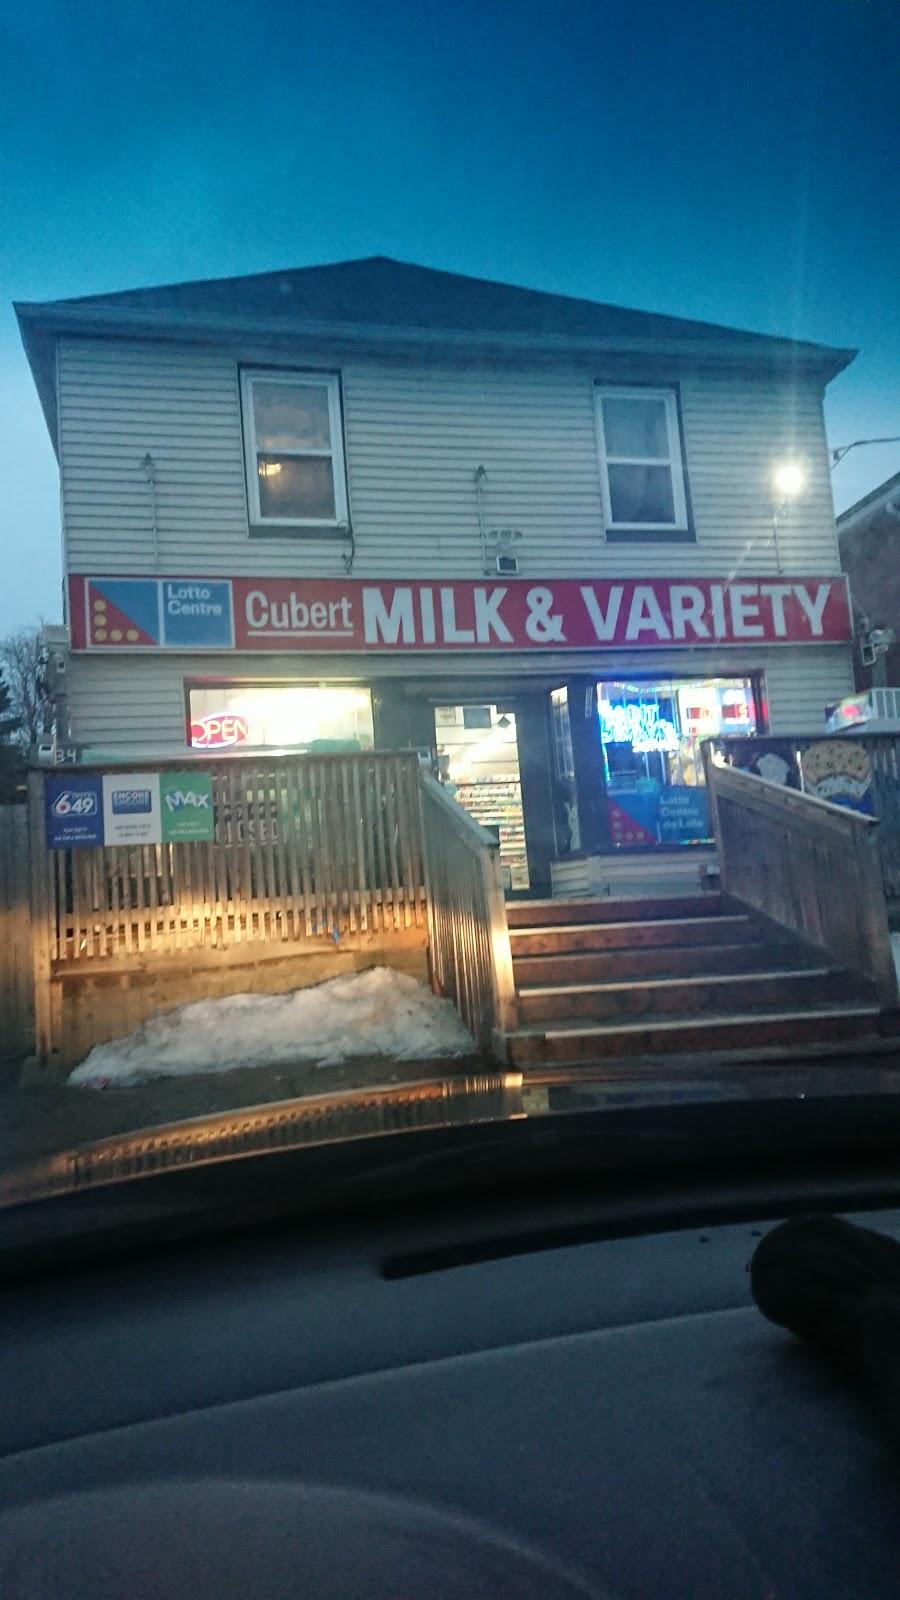 Cubert Milk & Variety | convenience store | 534 Cubert St, Oshawa, ON L1J 4B5, Canada | 9055792500 OR +1 905-579-2500